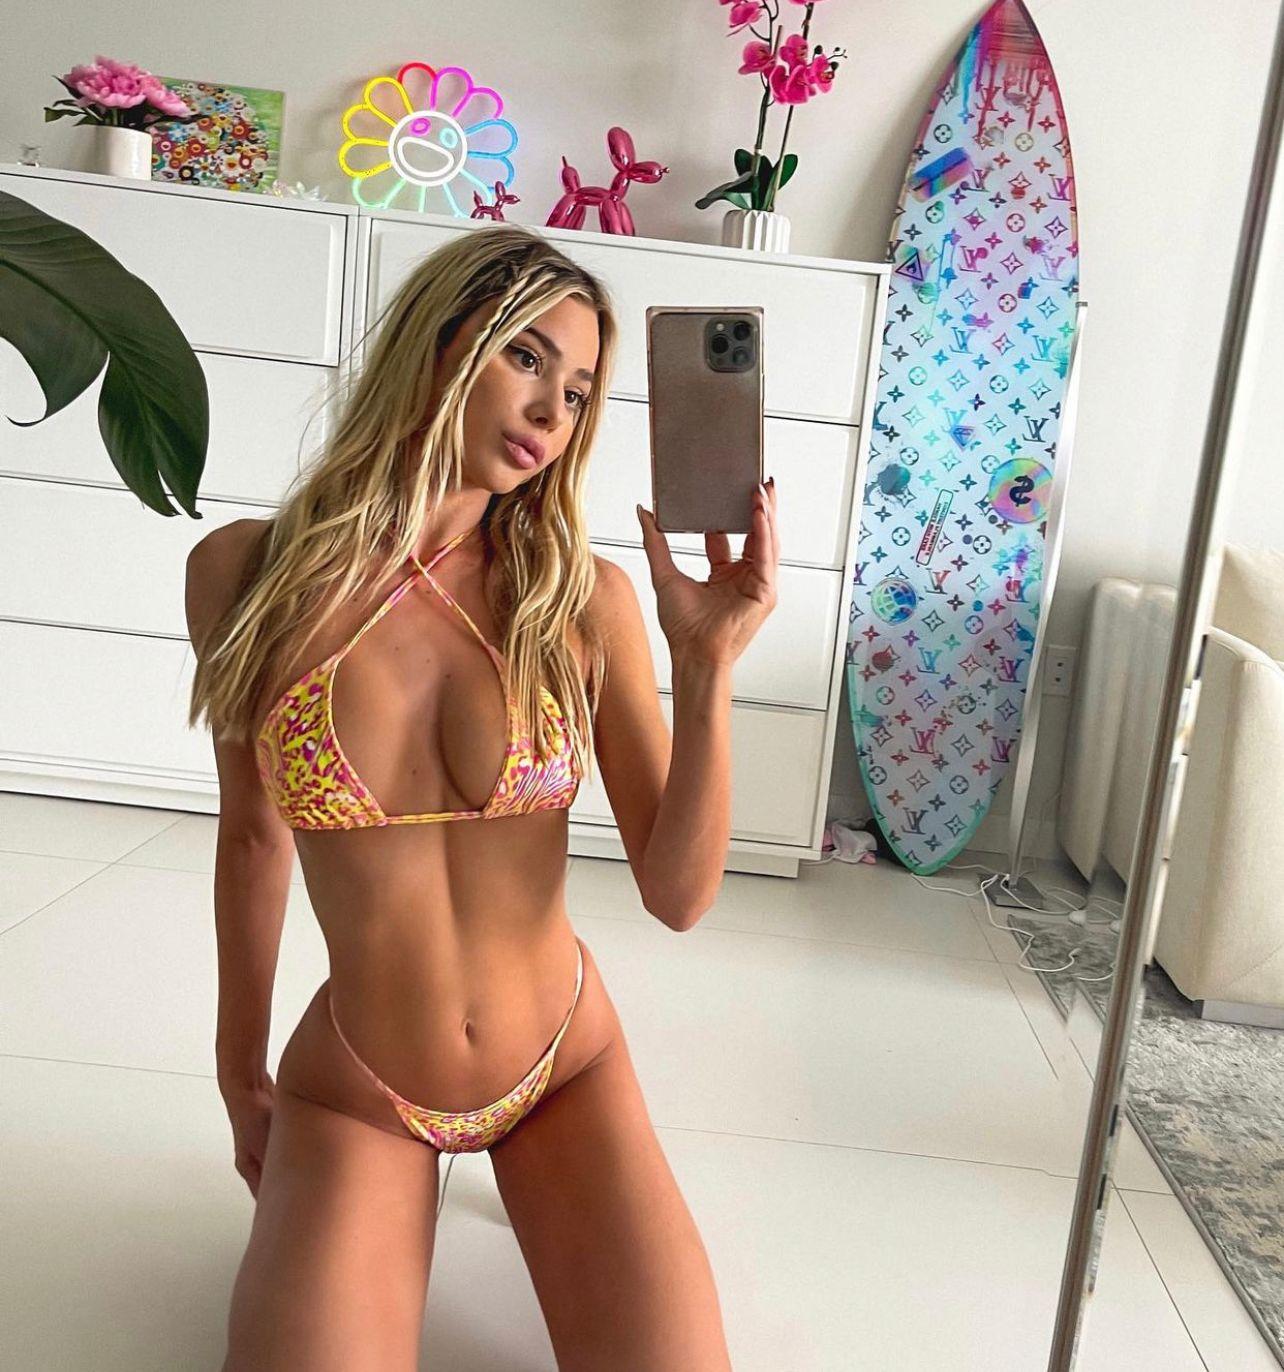 AMANDA-VIDAL-4 Amanda Vidal